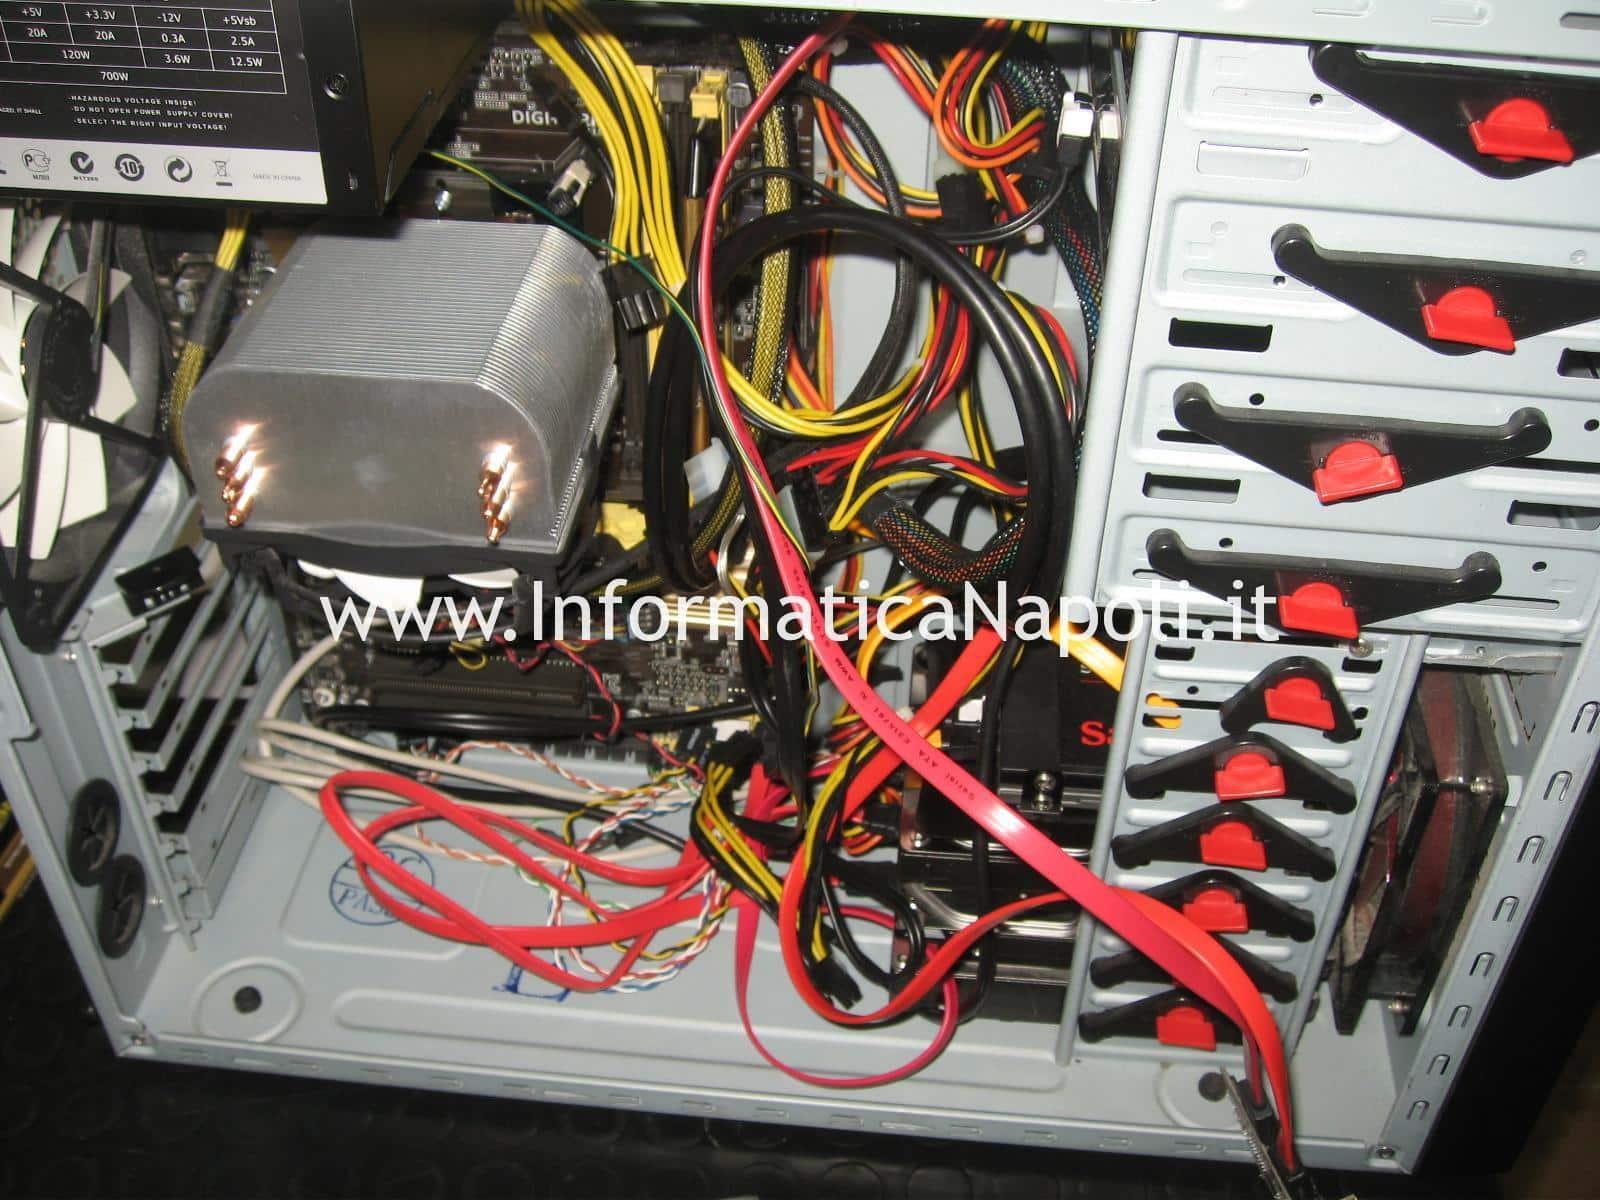 Bios Asus PC Desktop